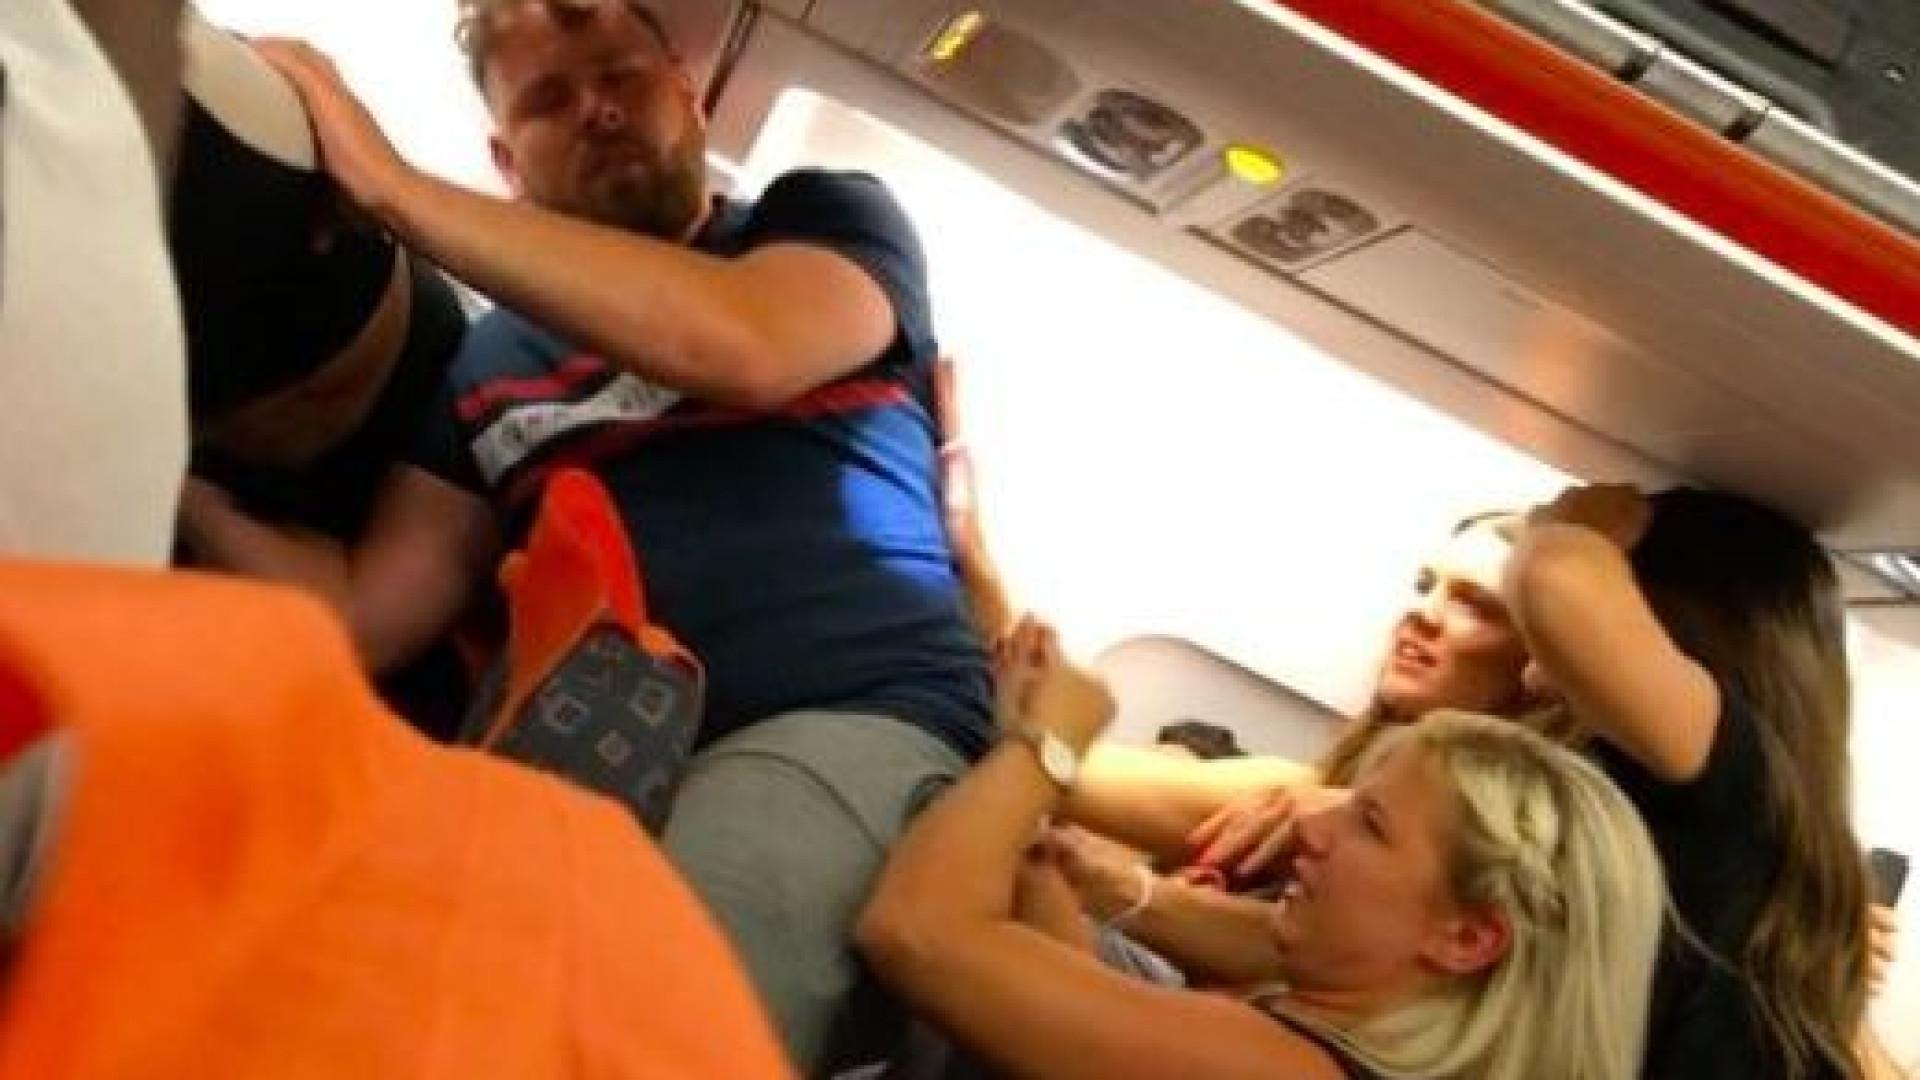 Discussão a bordo de voo da easyJet acaba com uma pessoa detida